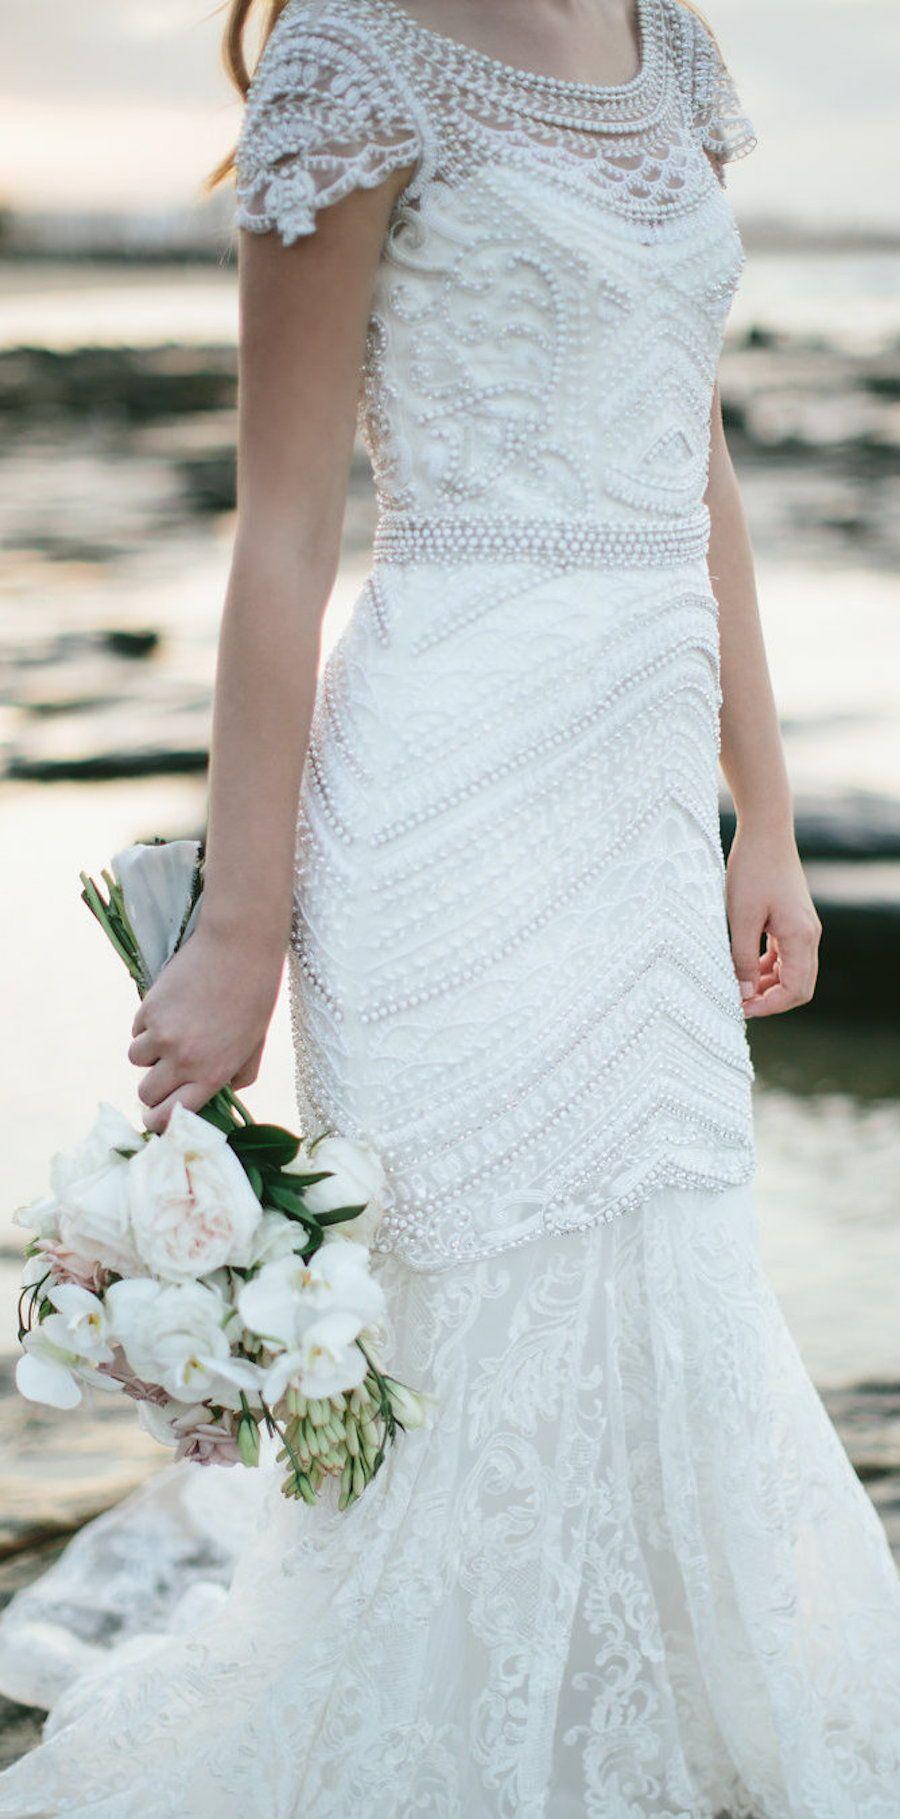 Wedding Dress by Anna Campbell Bridal #weddingdress #weddings #bride ...